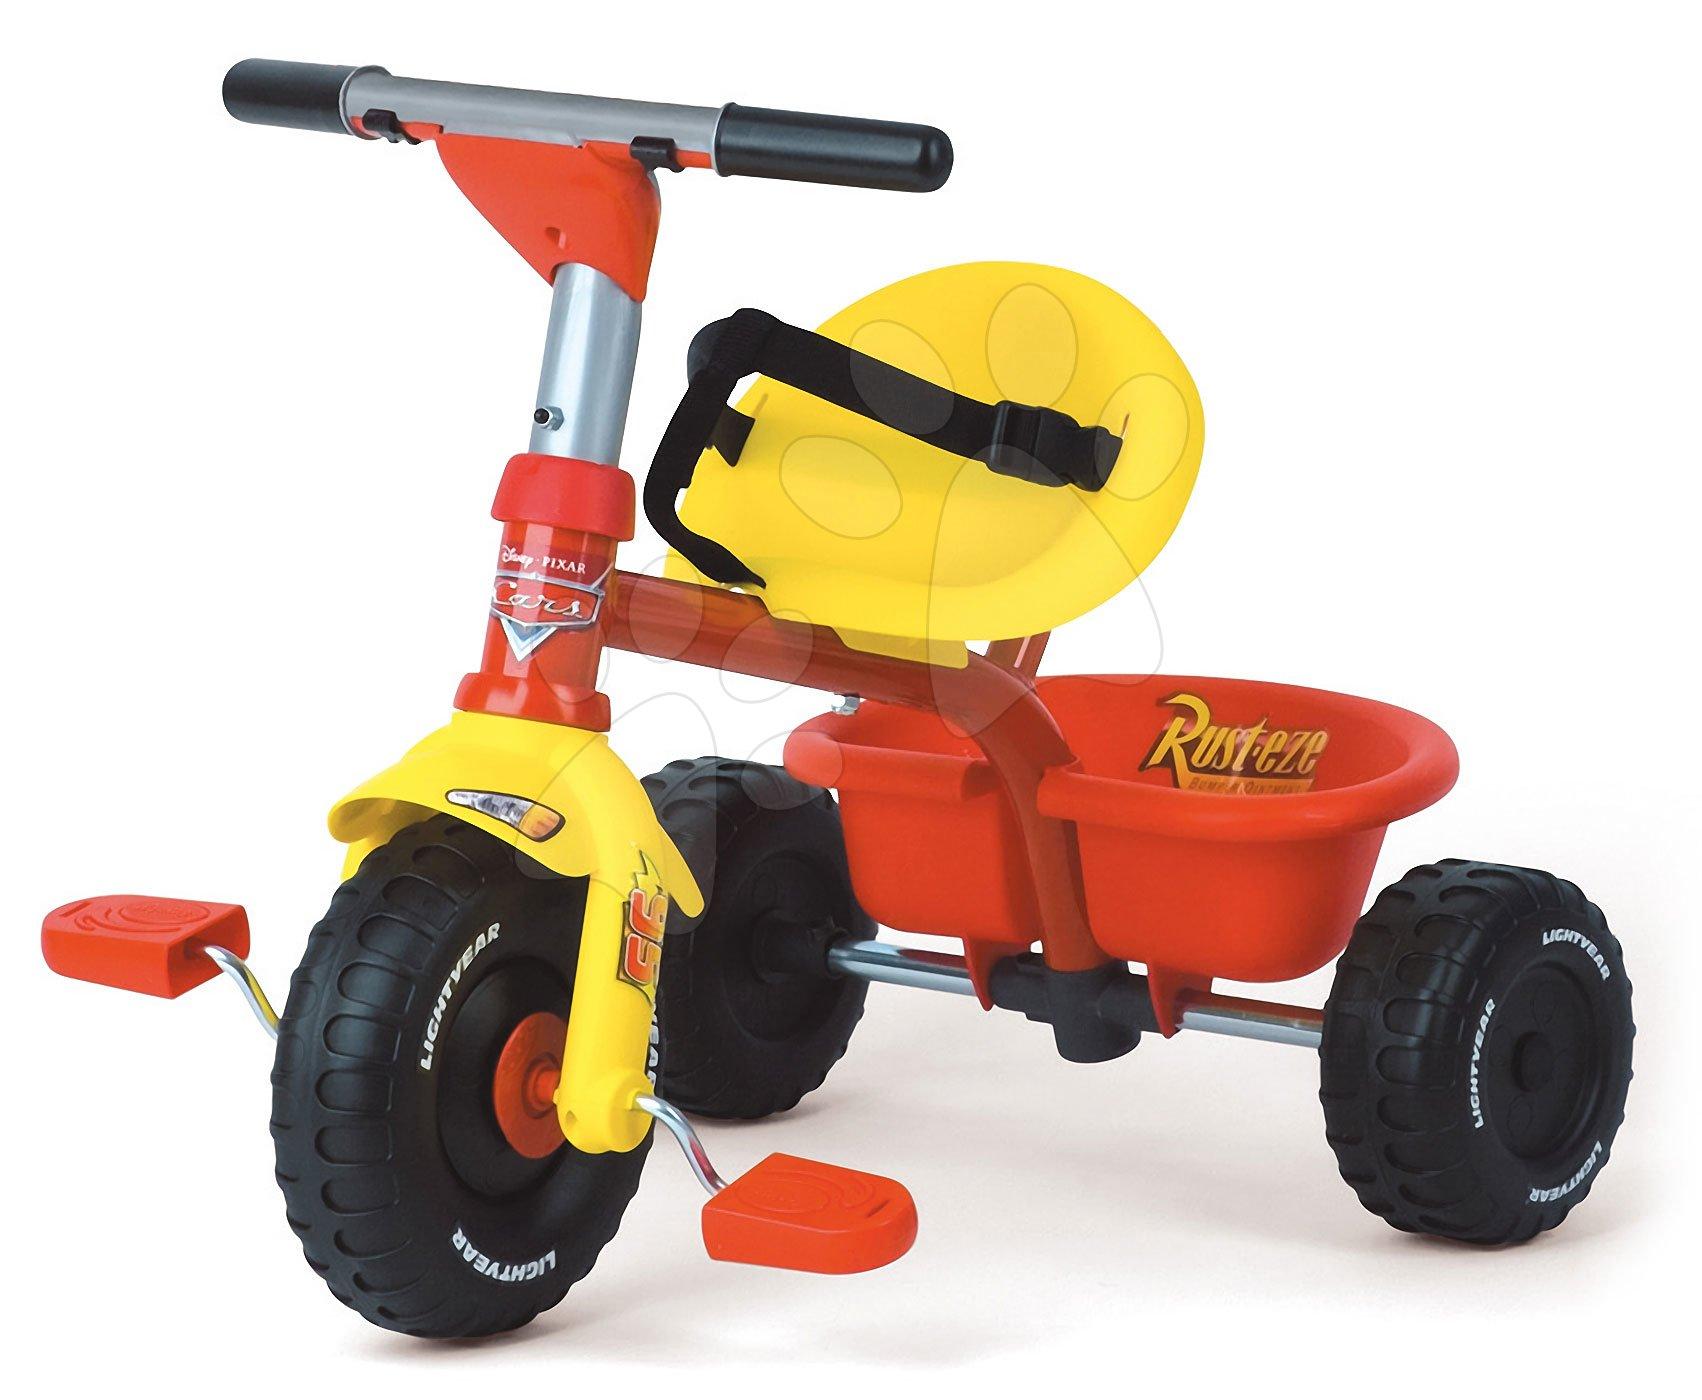 Triciklik 15 hónapos kortól - Tricikli Disney Verdák Smoby piros-sárga 15 hó-tól